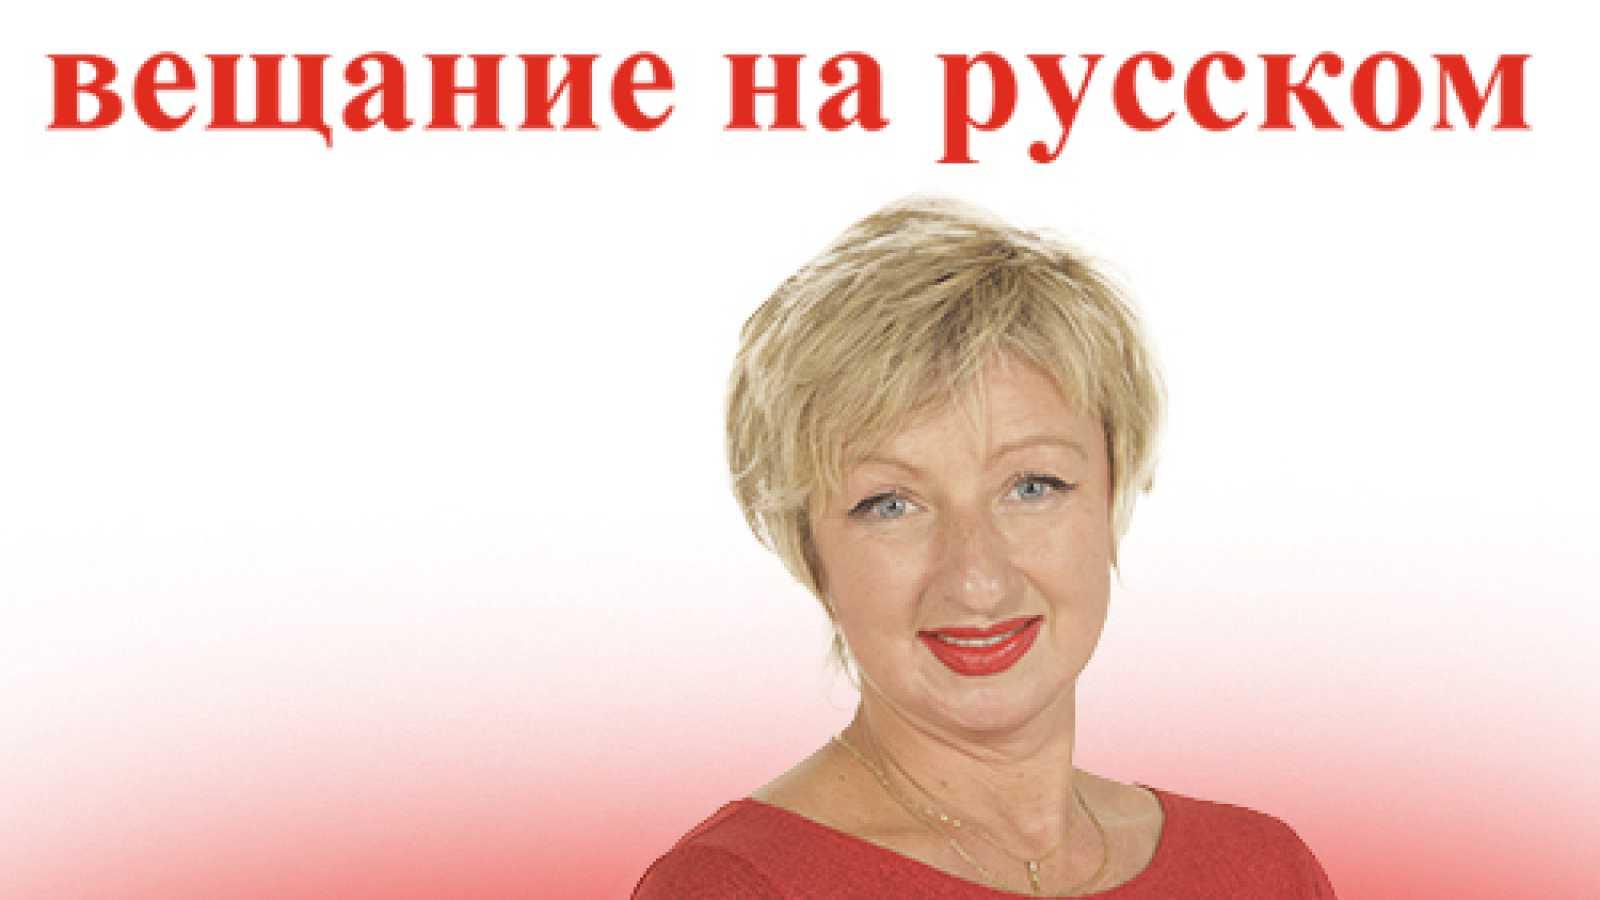 Emisión en ruso - Musikalniye vstrechi: Vselénnaya v zvúkah orgána. Vipusk 2 - 23/11/18 - escuchar ahora